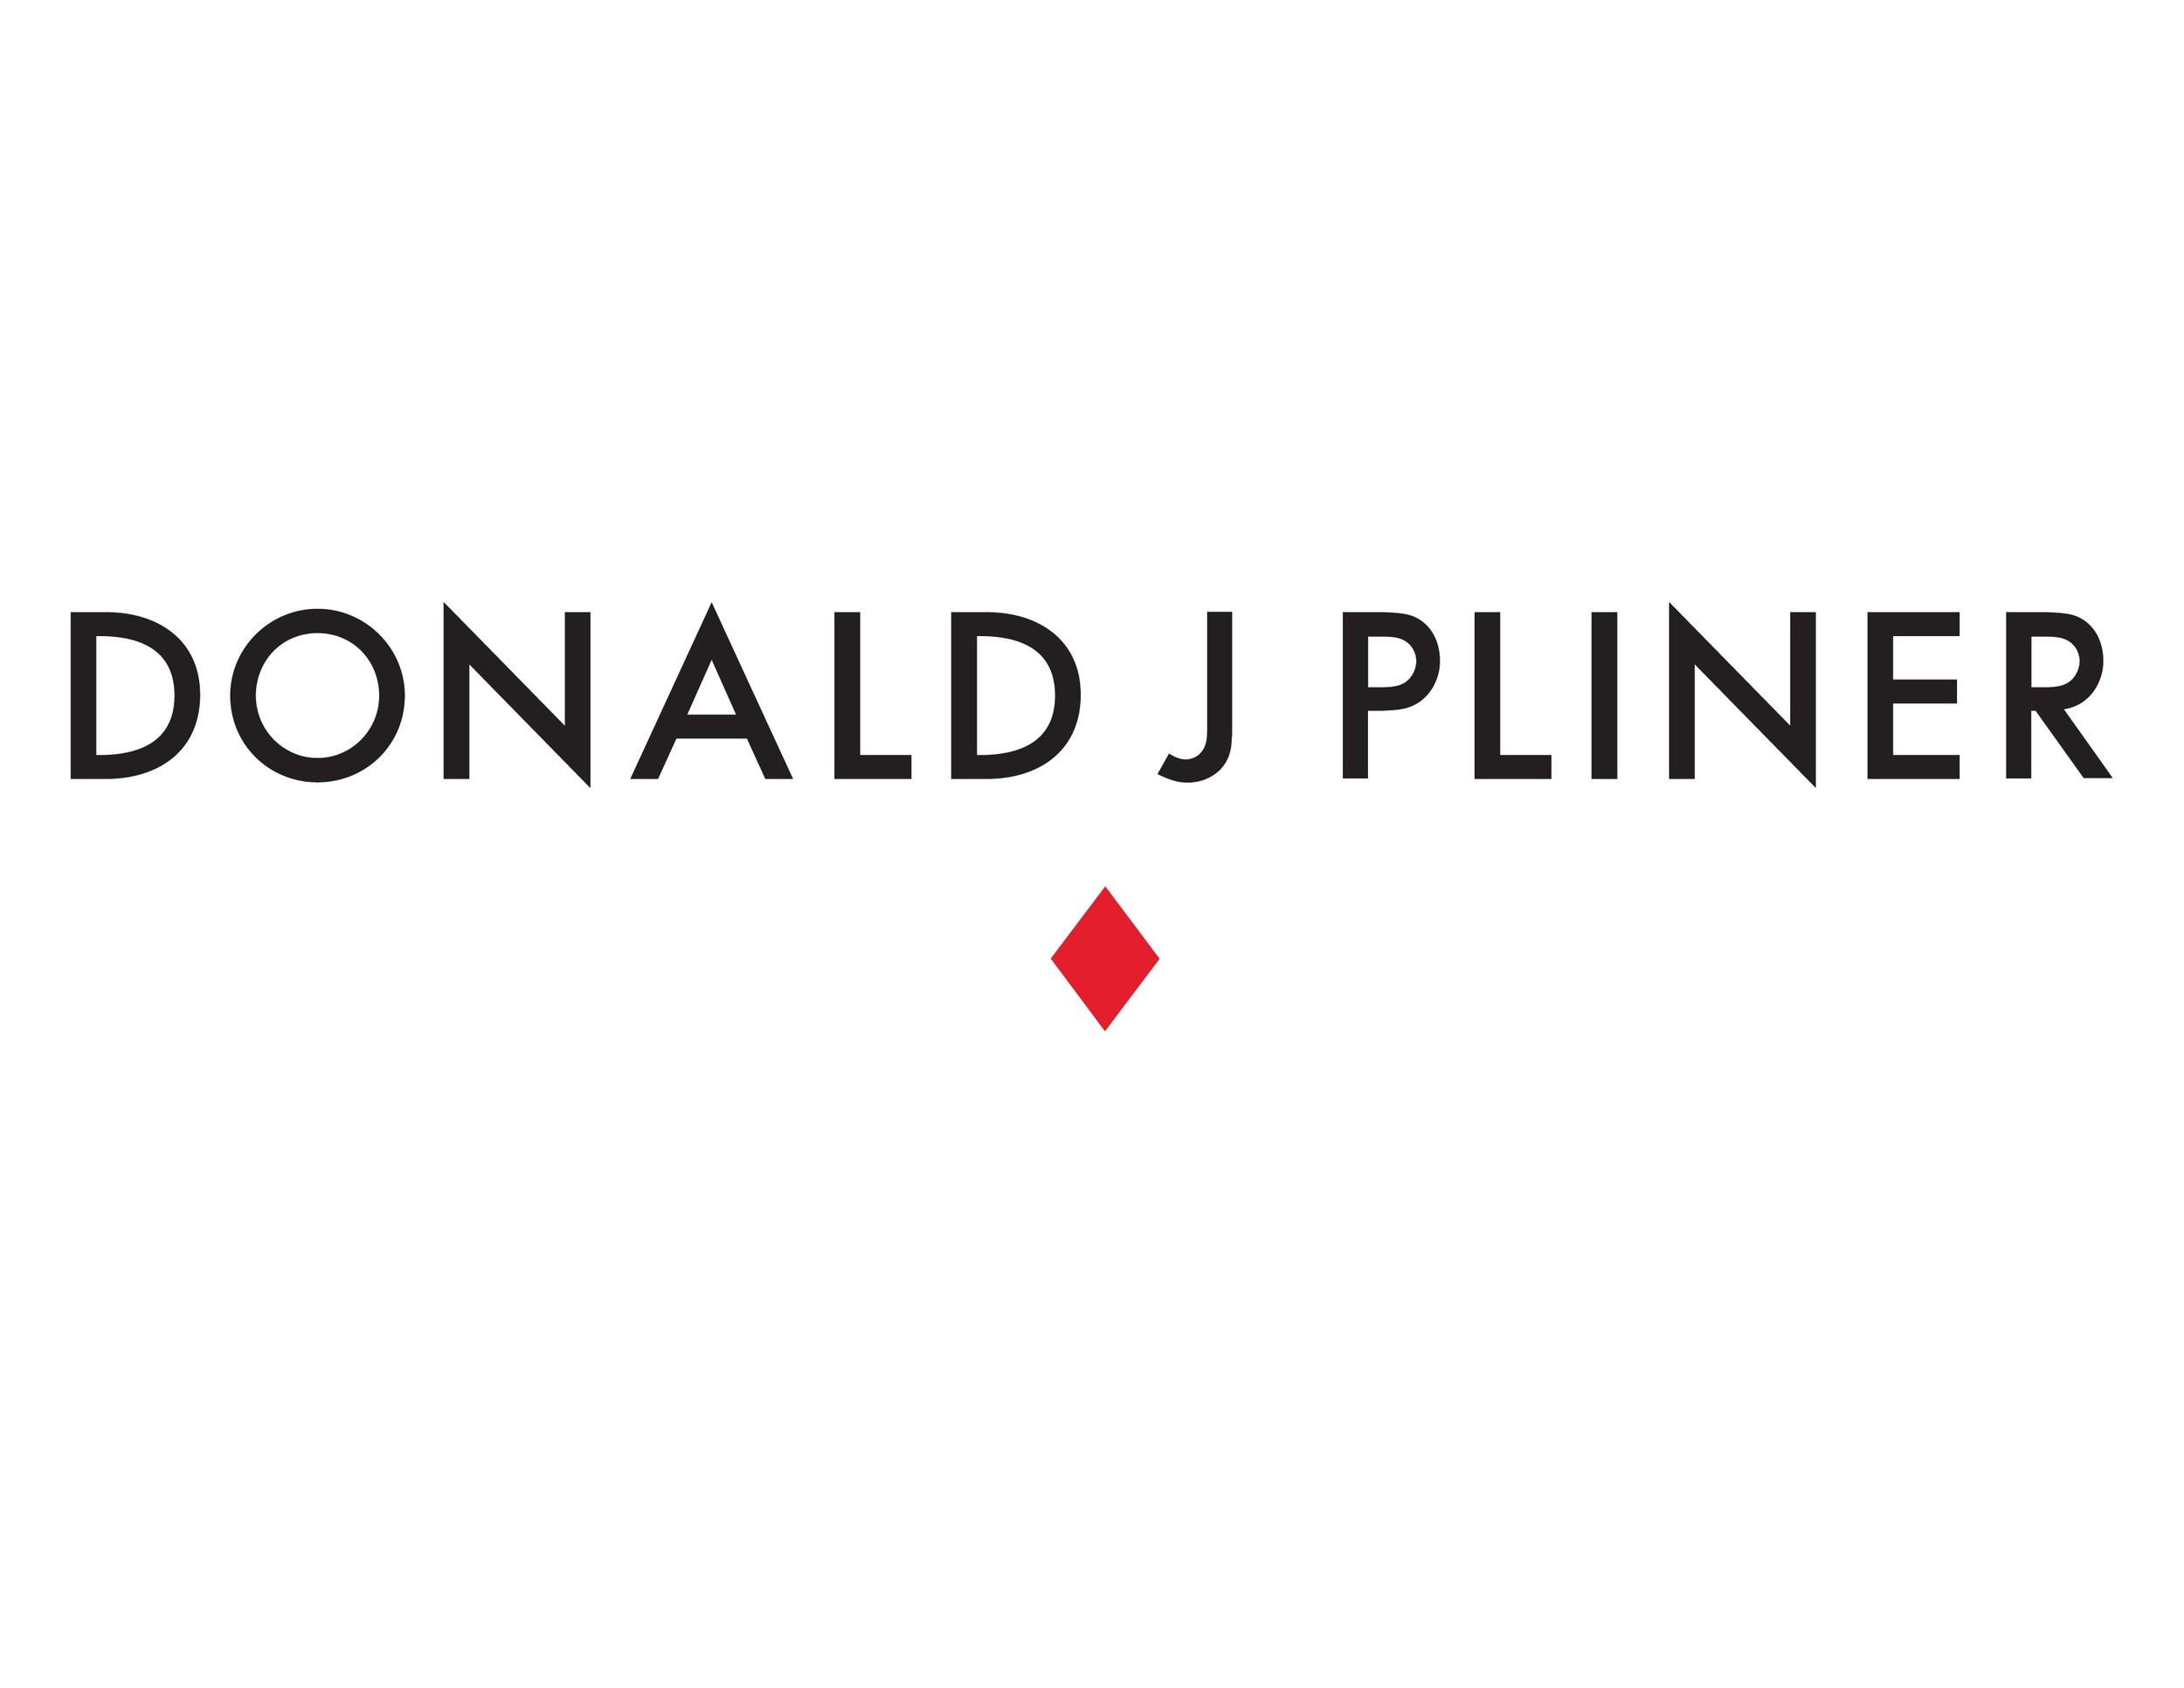 DJP logo (2)-1.jpg